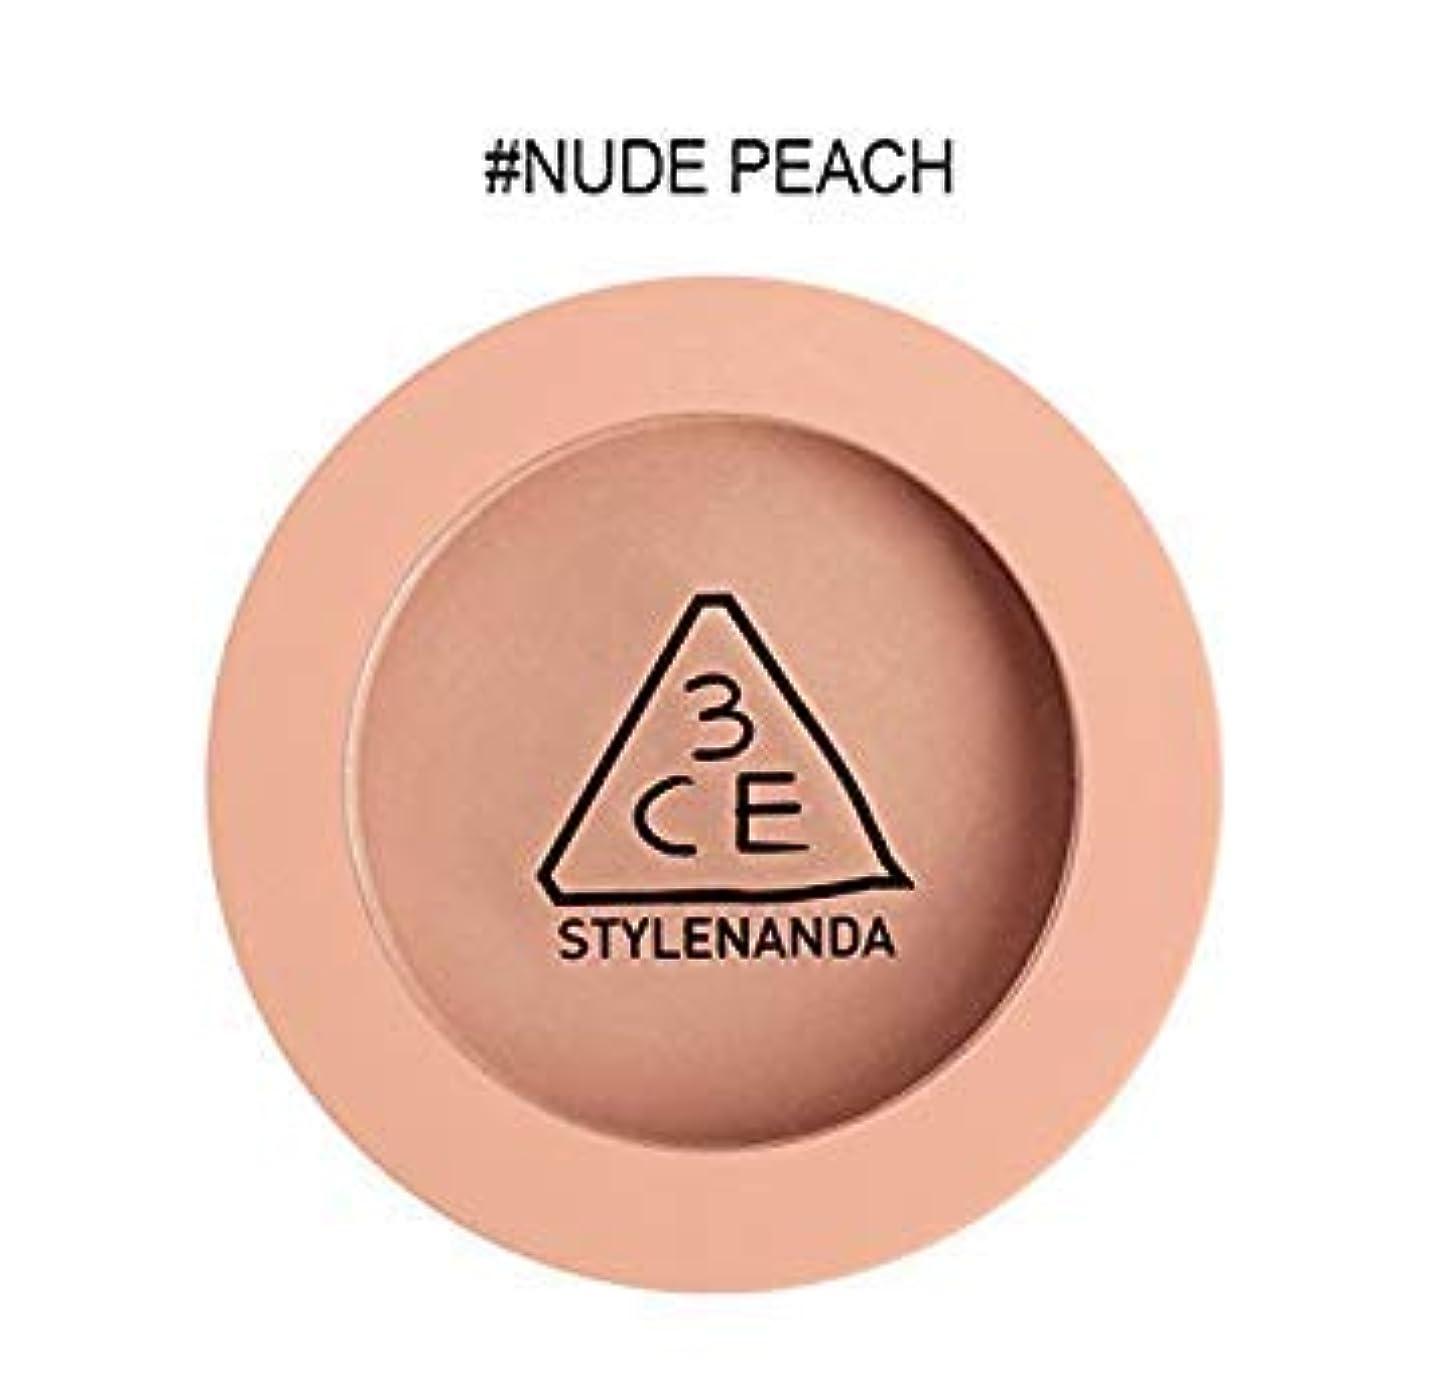 民兵面倒楽しむ3CE ムードレシピ フェイス ブラッシュ (チーク) / Mood Recipe Face Blush (ヌードピーチ(Nude Peach)) [並行輸入品]